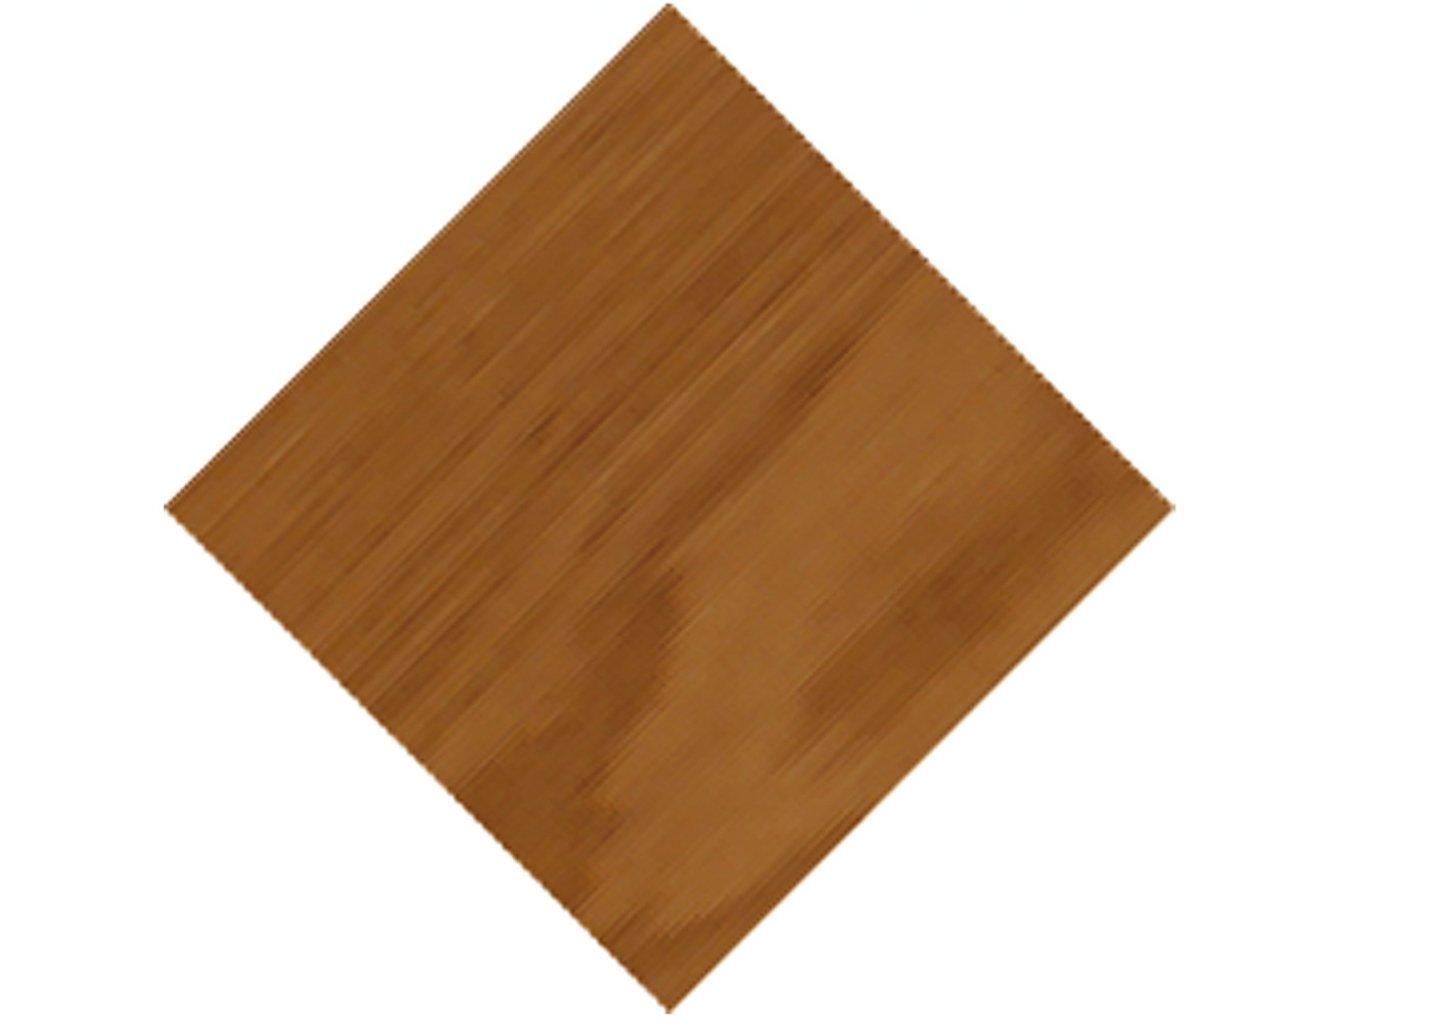 Couchtisch eiche rustikal feste platte tisch m bel for Beistelltisch eiche rustikal